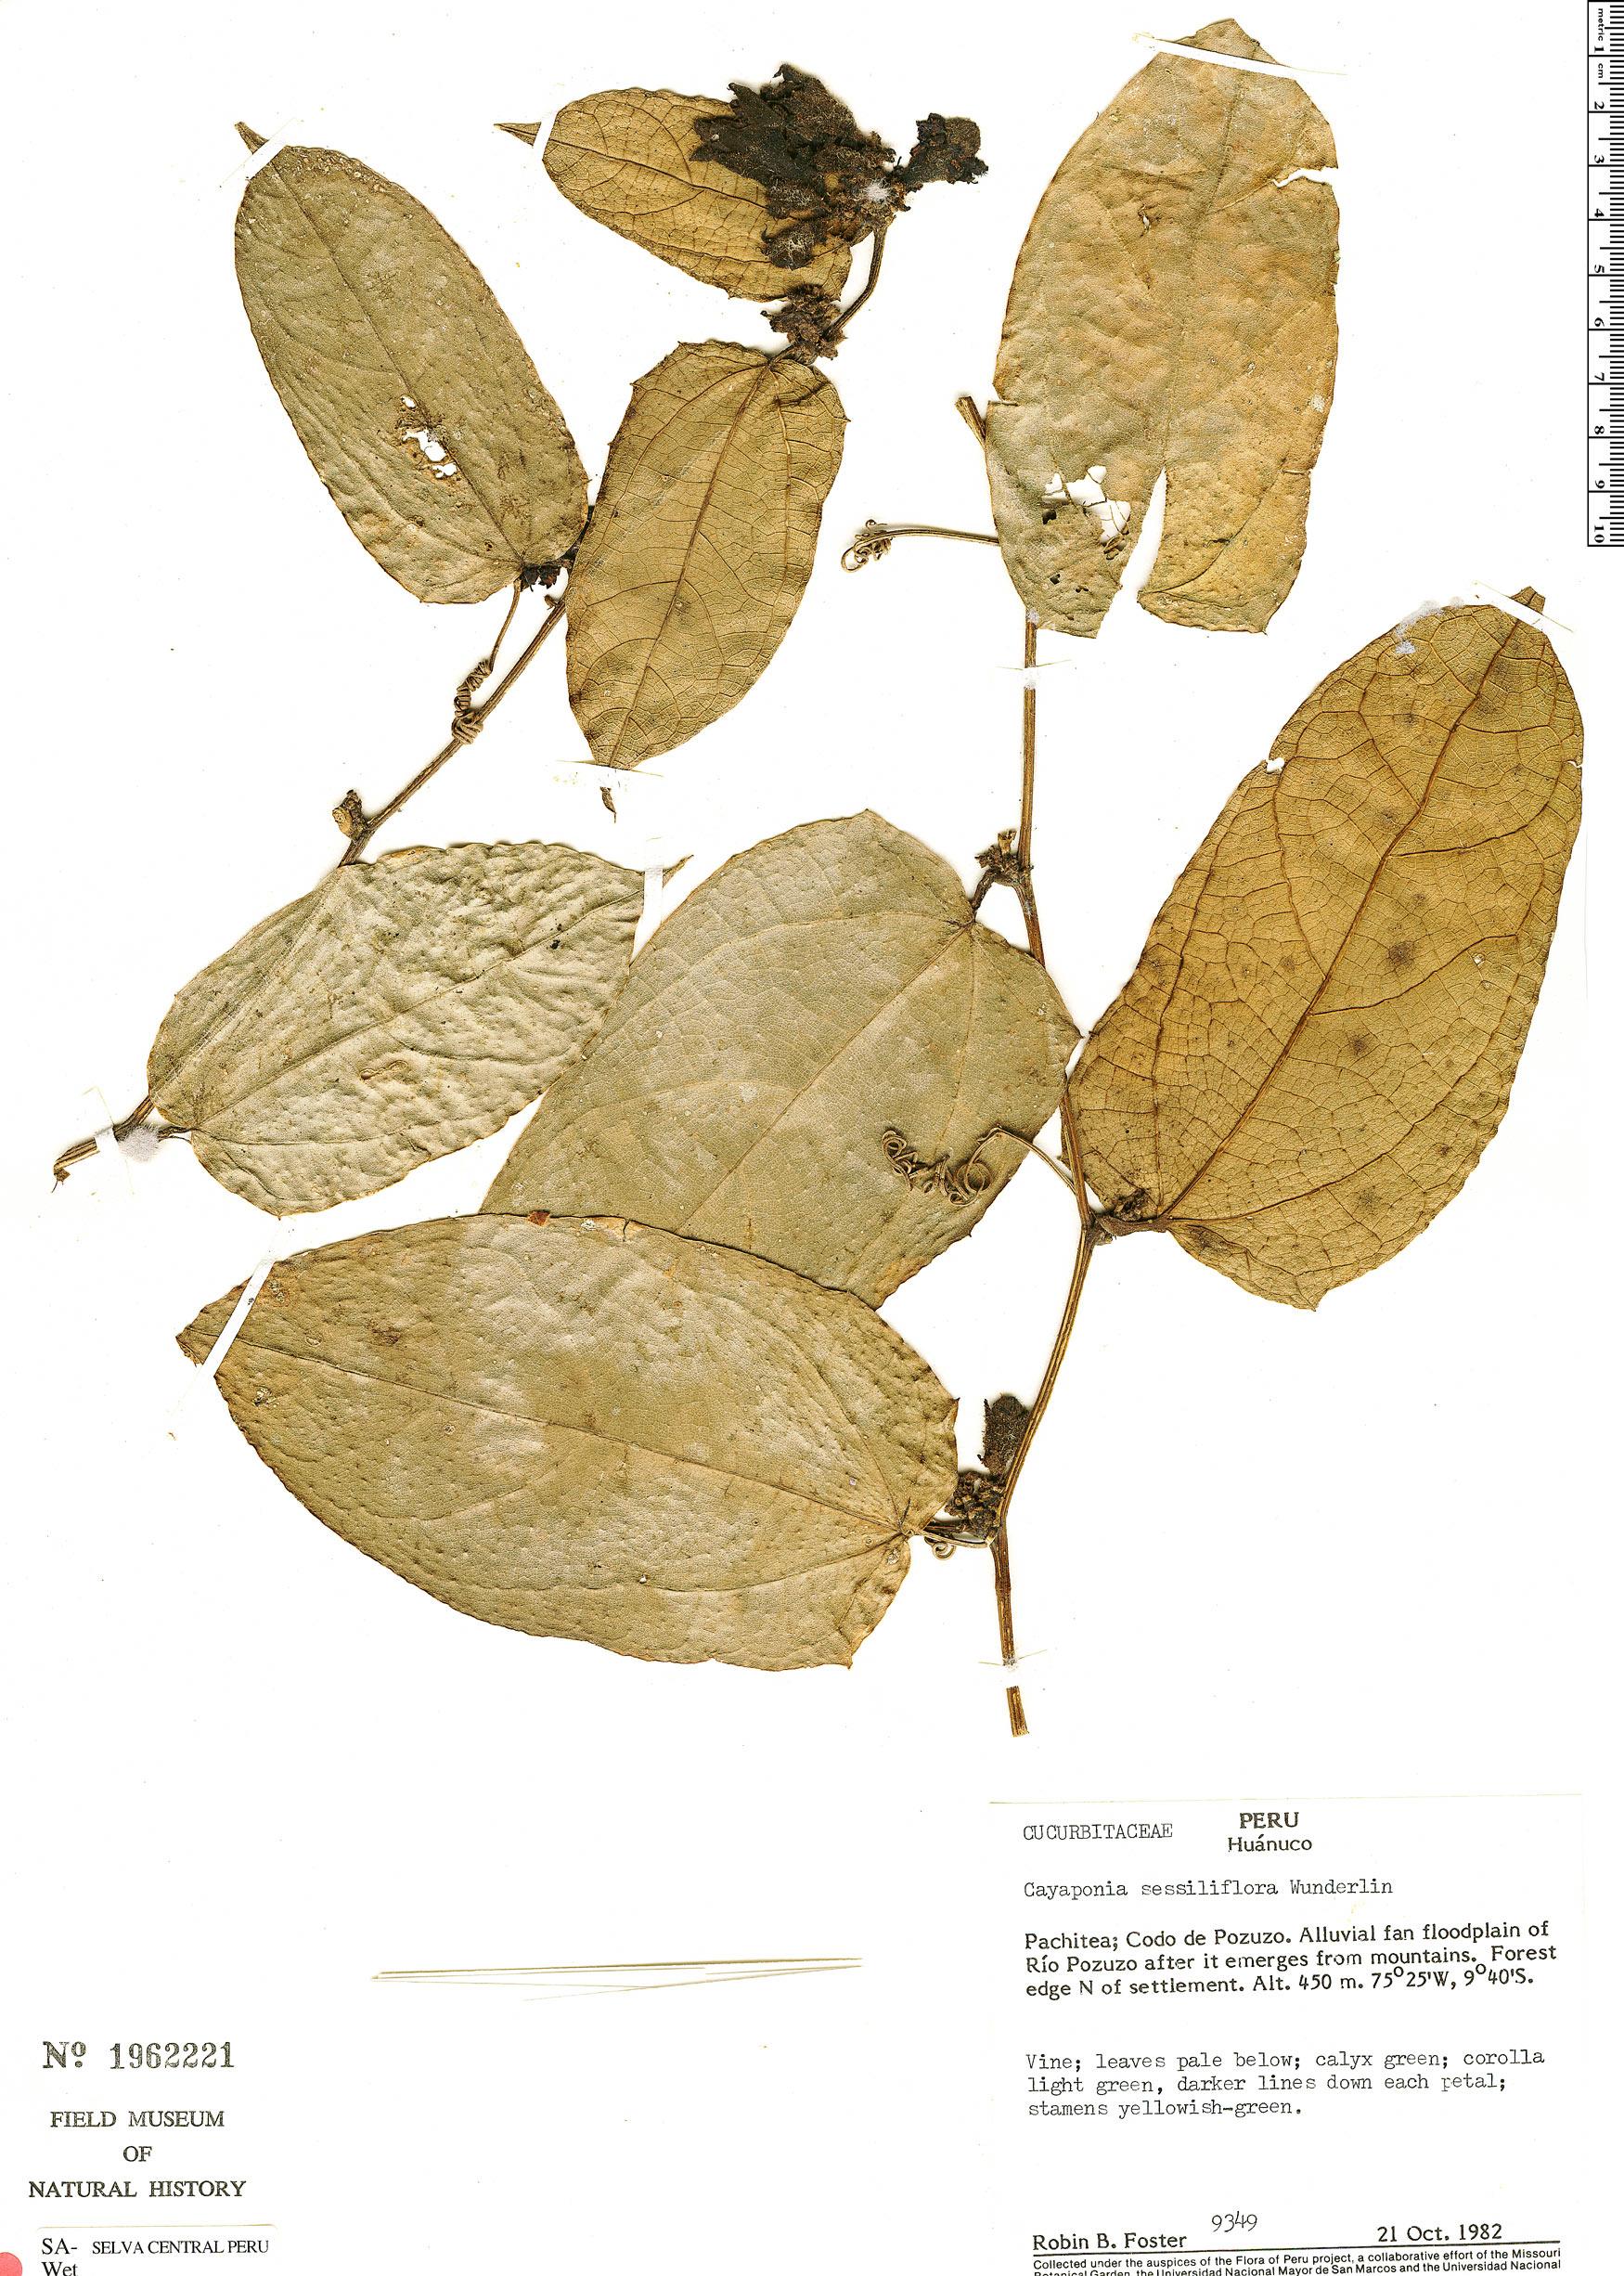 Specimen: Cayaponia sessiliflora